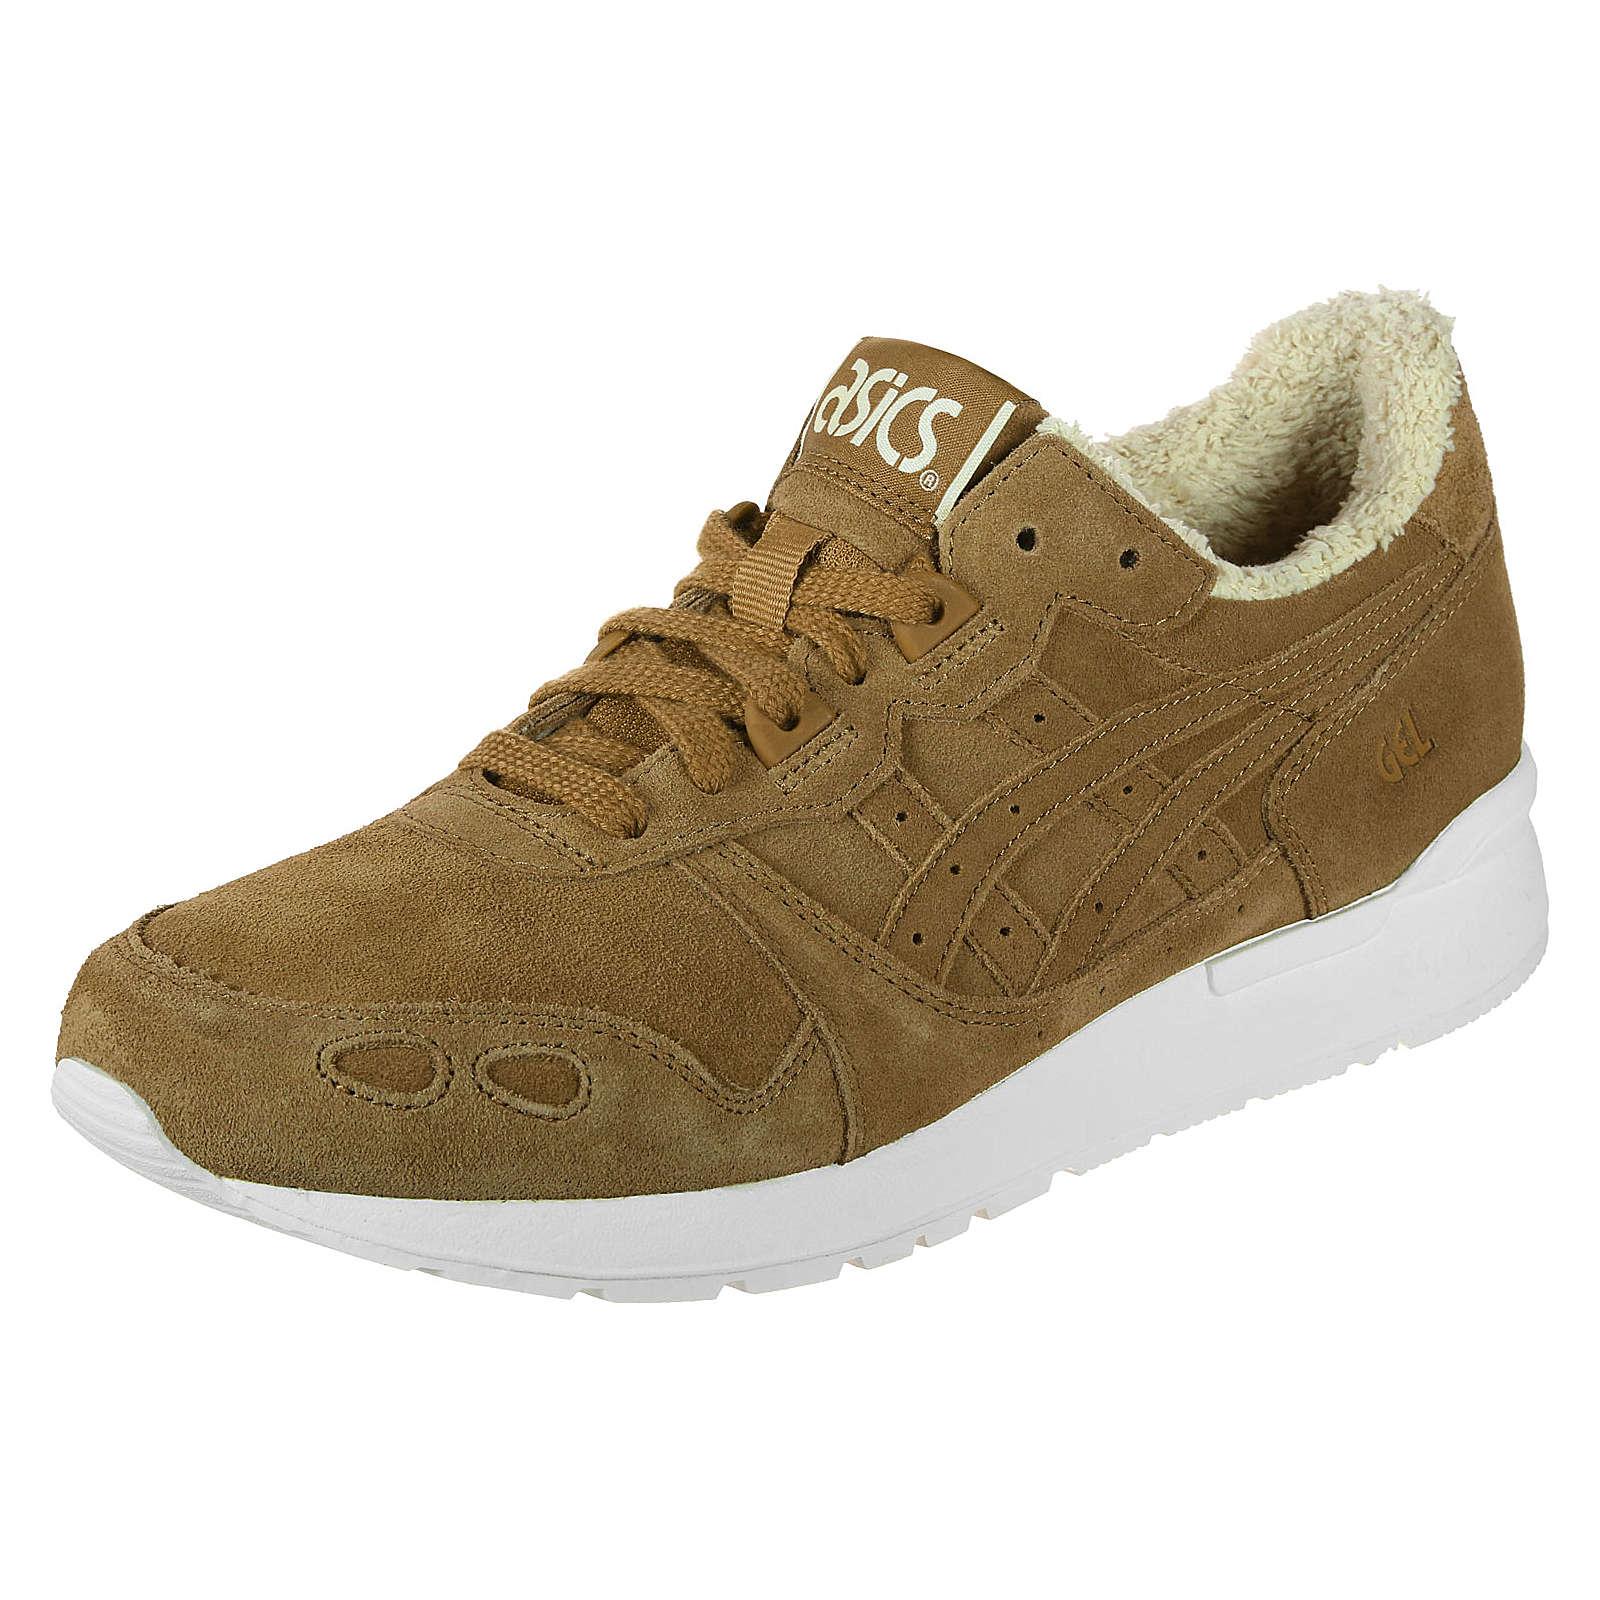 Asics Tiger Sneaker GEL-Lyte im Retro-Look Sneakers Low braun Herren Gr. 41,5